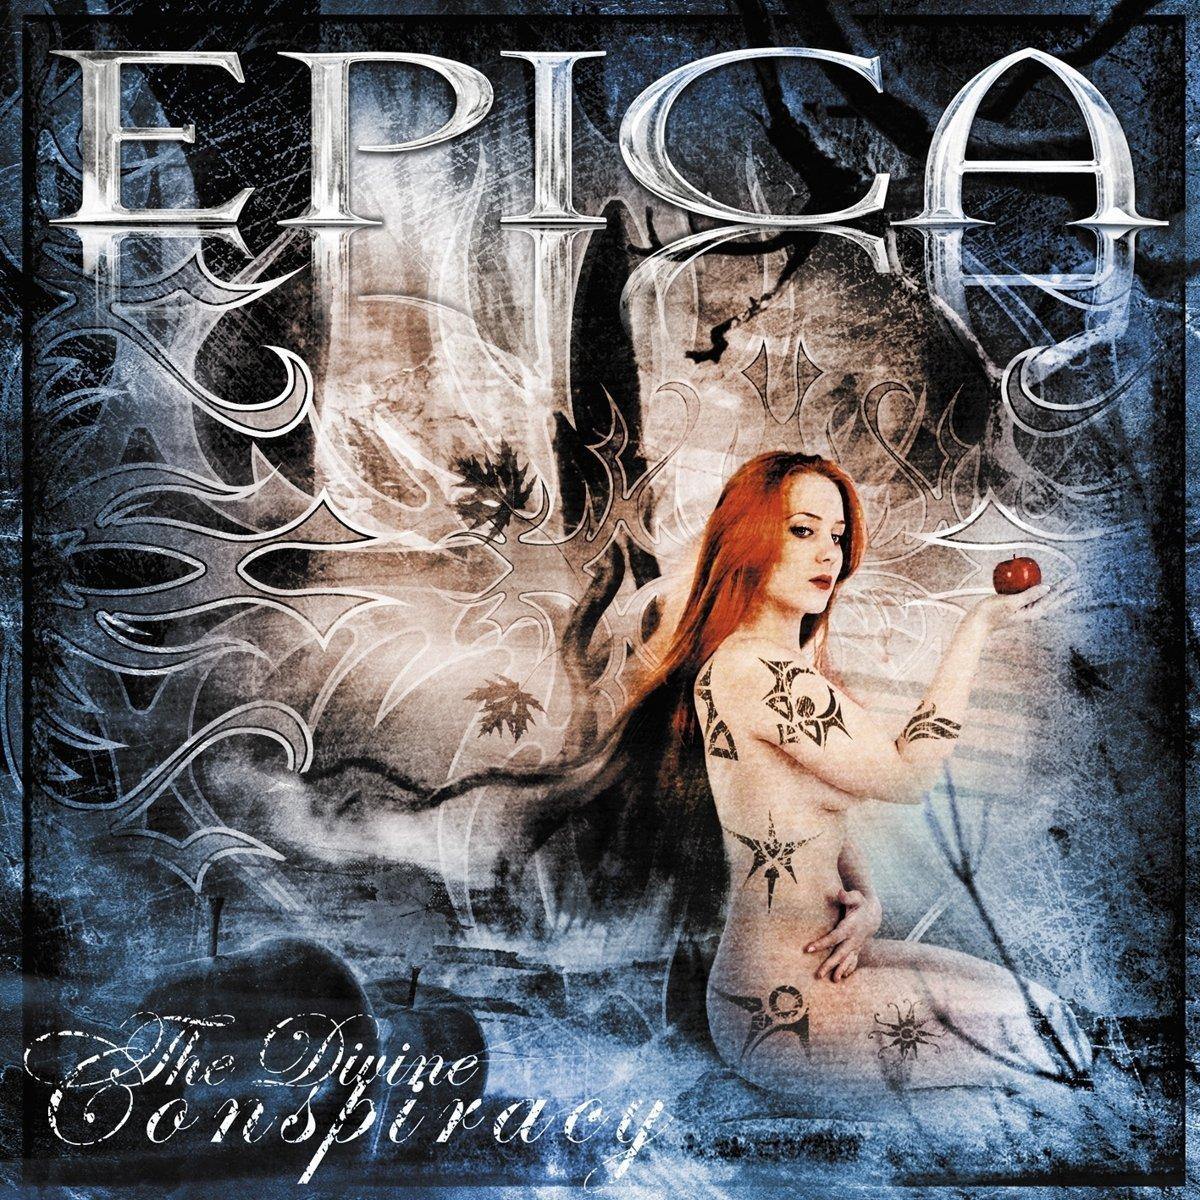 Vinilo : Epica - Divine Conspiracy (United Kingdom - Import, 2 Disc)